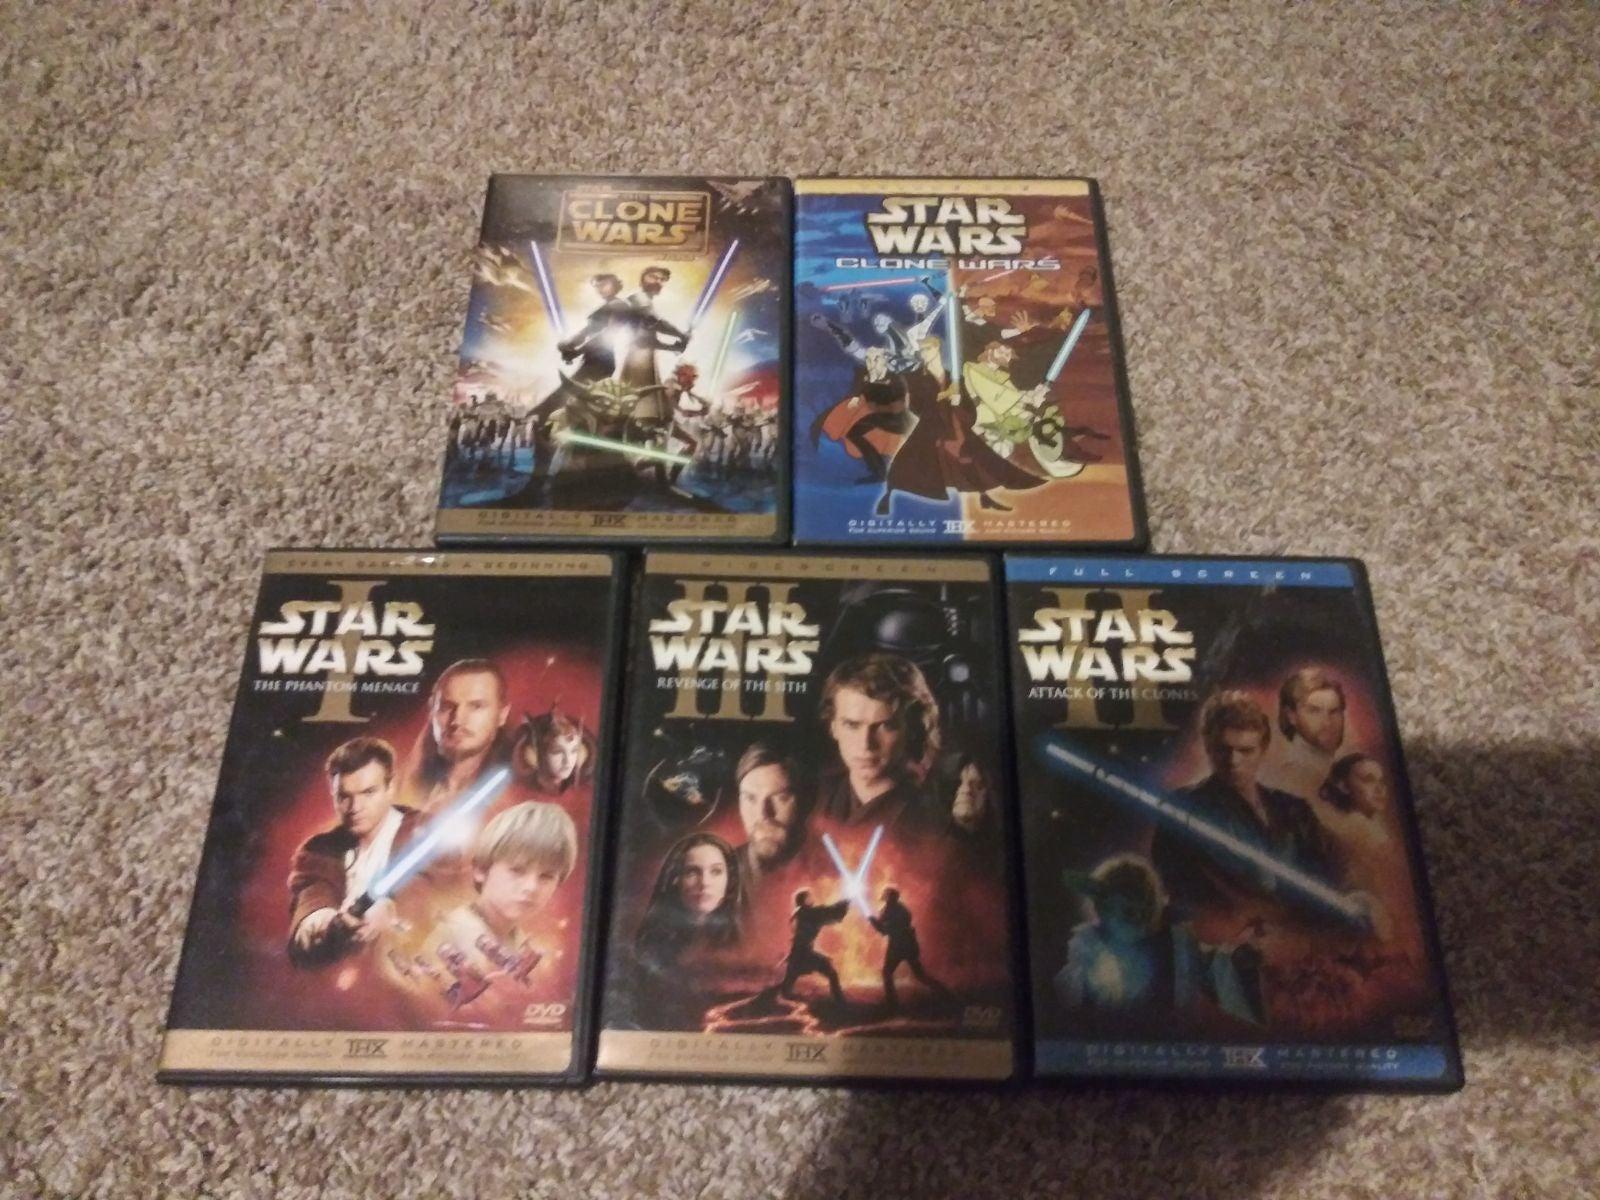 Star Wars DVDs